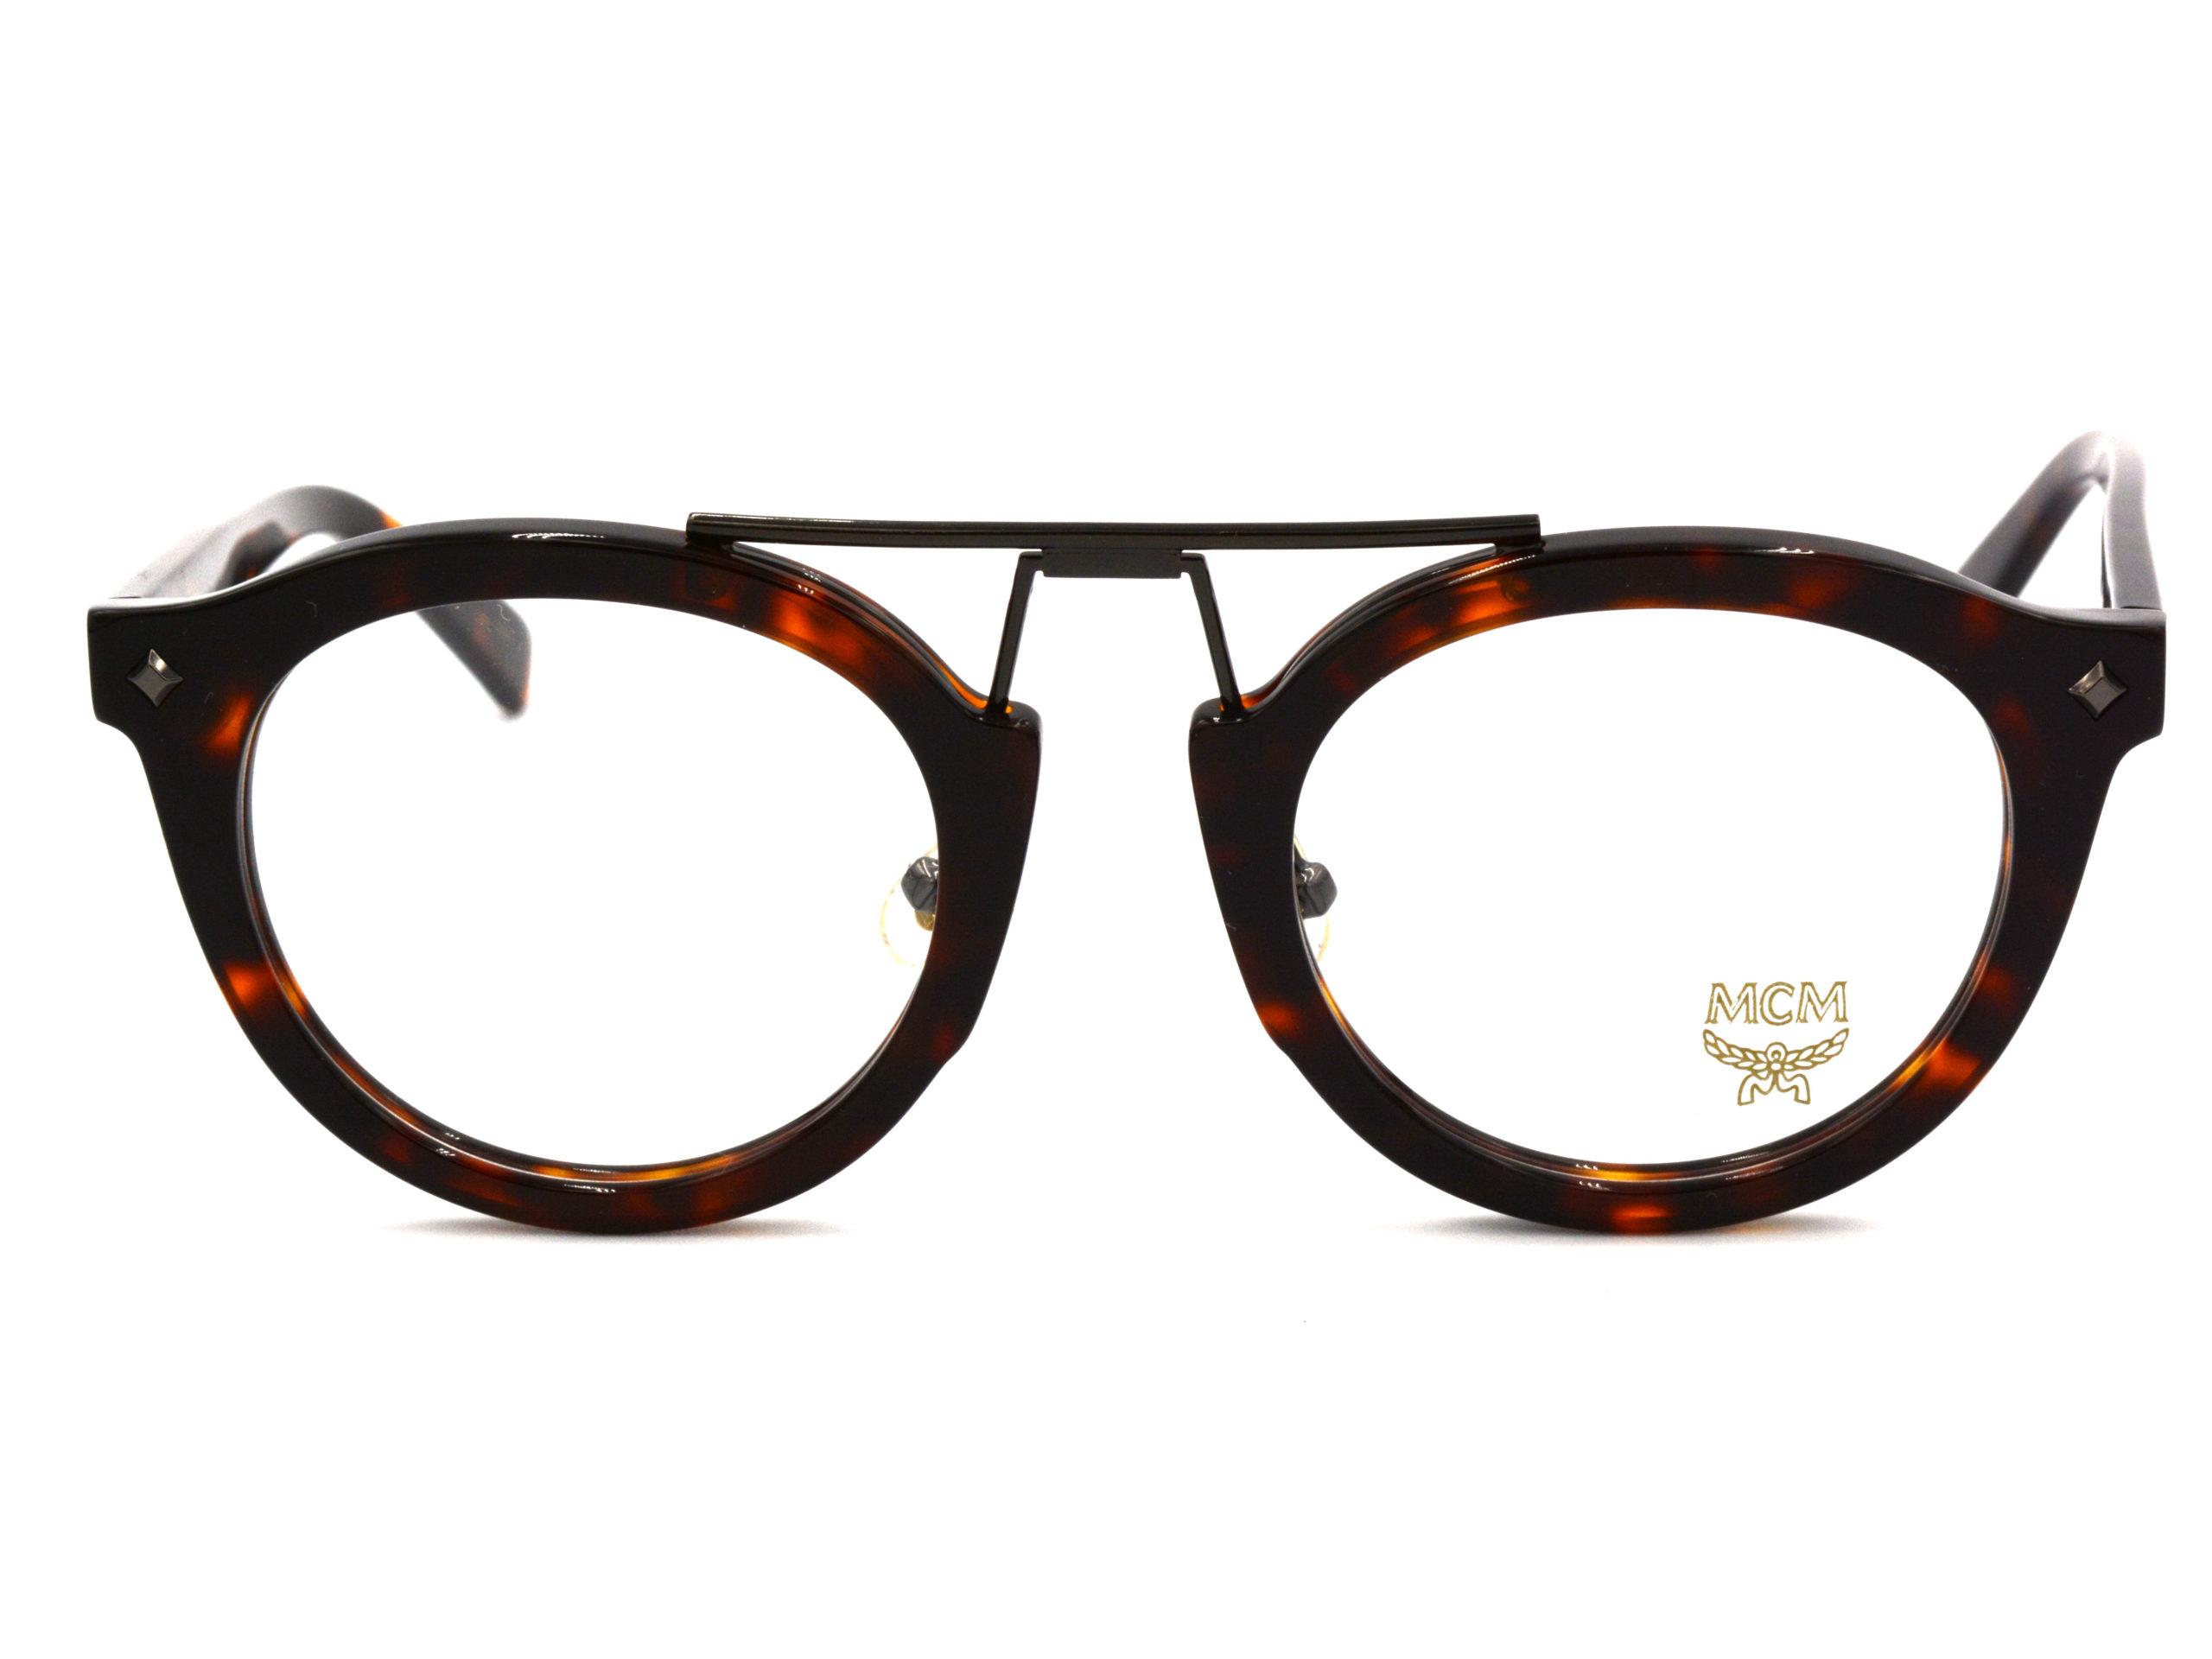 Γυαλιά οράσεως MCM 2642 214 49-22-140 Πειραιάς